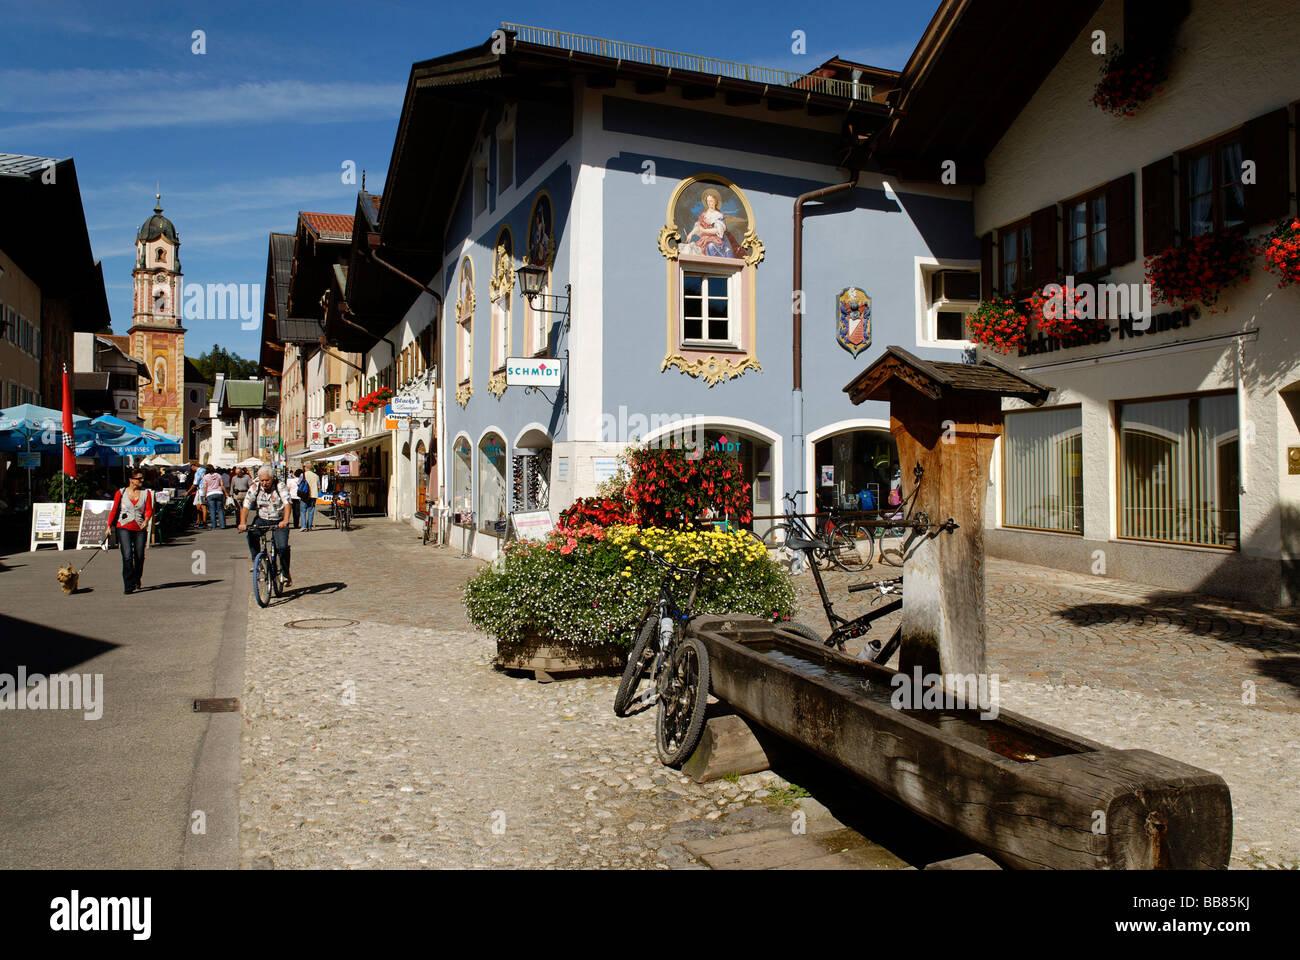 Marktstrasse, Marktstraße vor der Pfarrkirche St. Peter und Paul, Mittenwald, Oberbayern, Deutschland, Europa Stockbild